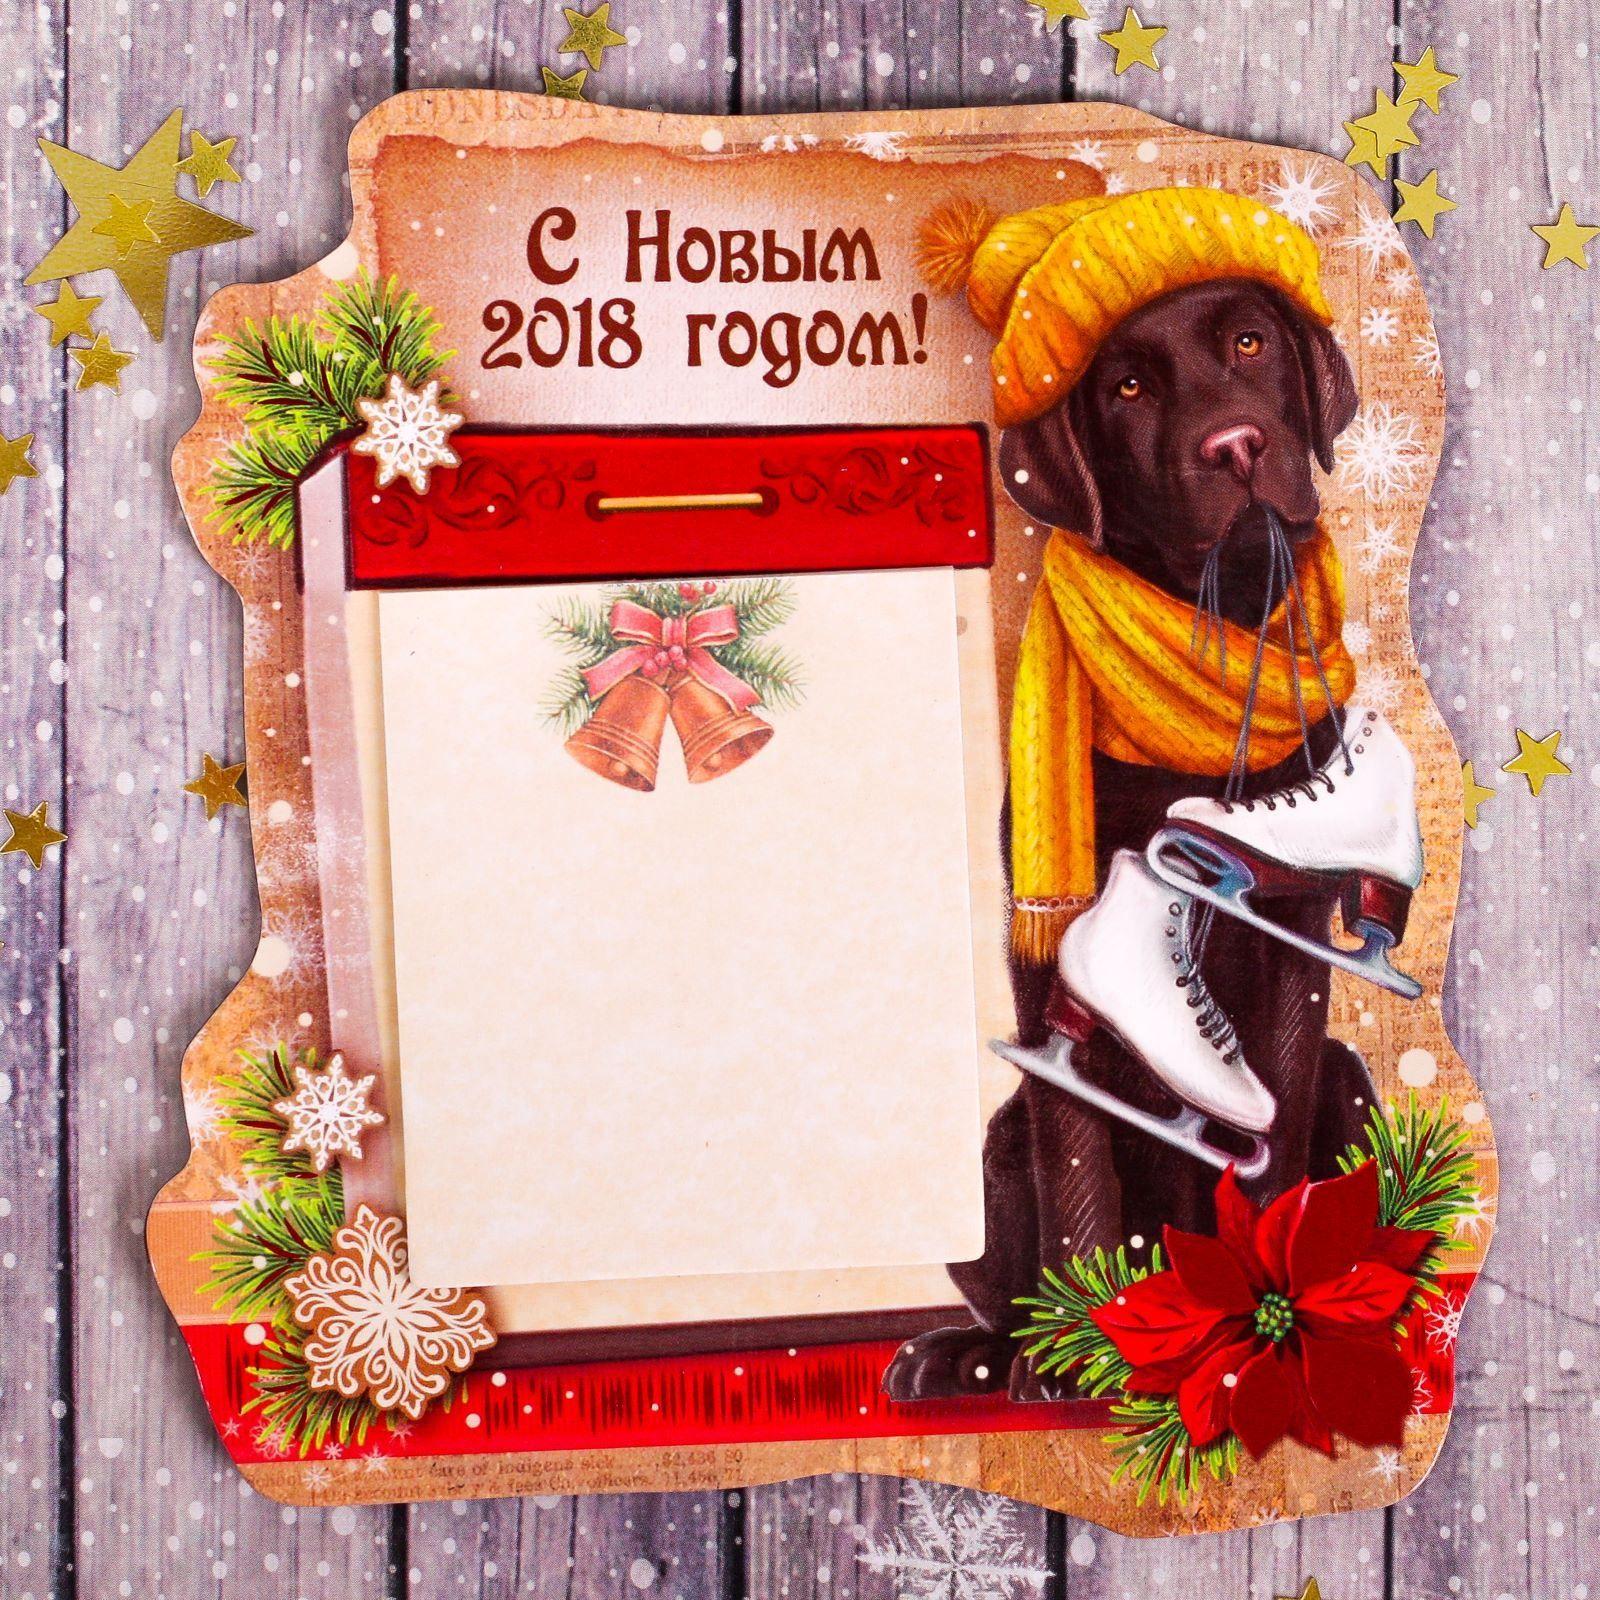 Магнит Sima-land С Новым 2018 годом, с блоком для записей, 10,9 х 11,8 см2252412Порадуйте родных и близких оригинальным сувениром: преподнесите в подарок магнит. С ним даже самый серьёзный человек почувствует себя ребёнком, ожидающим чудо! Создайте праздничное настроение, и оно останется с вами на весь год.